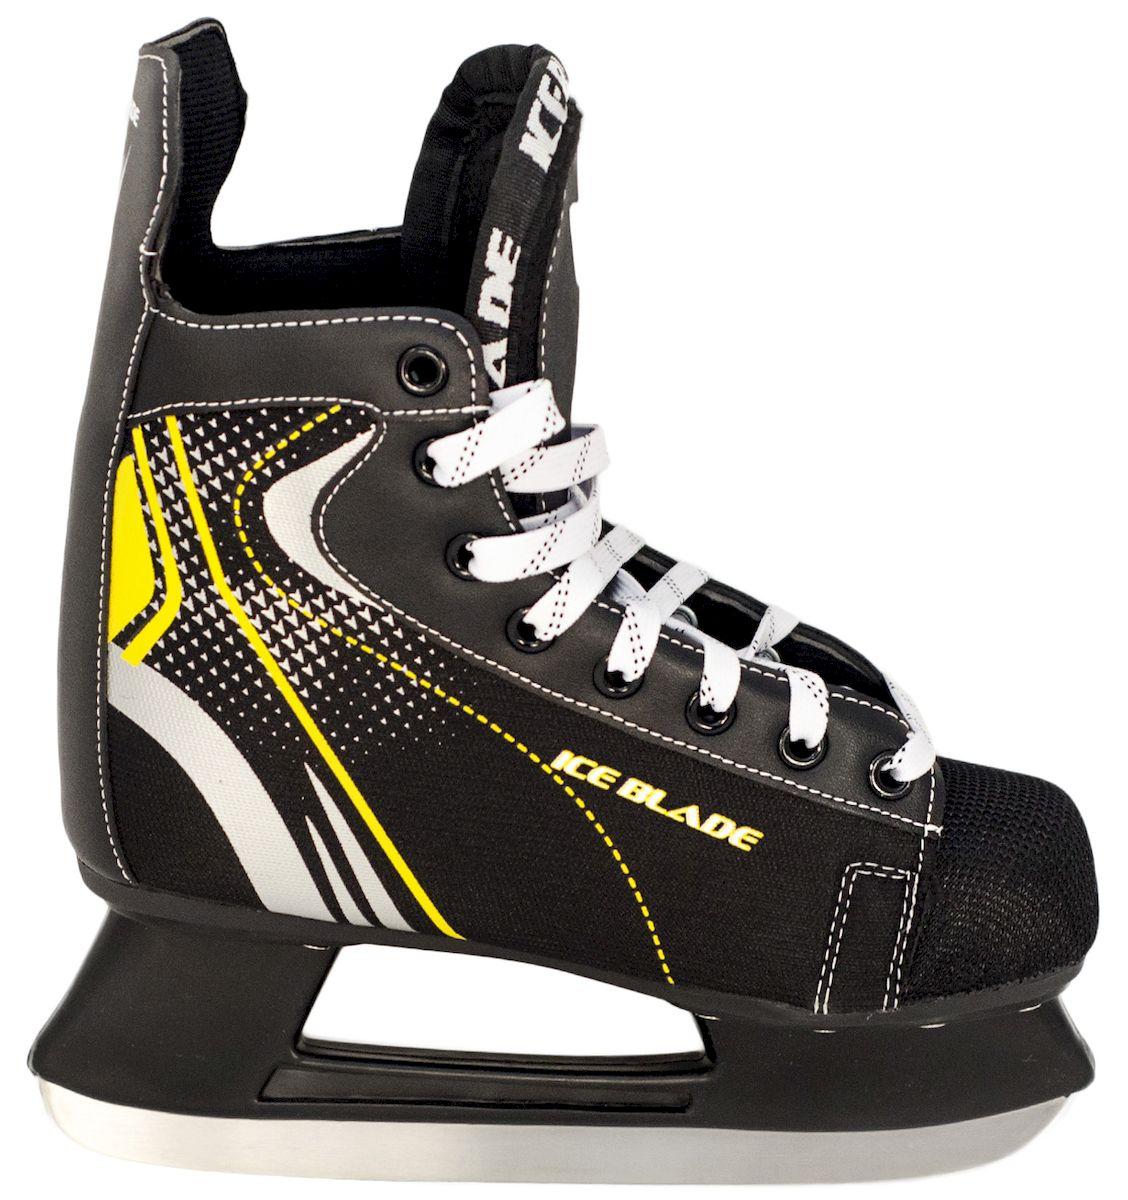 Коньки хоккейные Ice Blade Shark, цвет: черный, желтый. УТ-00006841. Размер 42УТ-00006841Коньки хоккейные Shark имеют модный яркий дизайн, поэтому данная модель очень популярна у любителей хоккея.Ботинок выполнен из искусственной кожи, высокопрочной нейлоновой ткани и ударостойкого пластика. Лезвие изготовлено из высокоуглеродистой стали с покрытием из никеля, что гарантирует прочность и долговечность. В качестве внутренней отделки используется вельветин с утеплителем. Коньки поставляются с заводской заточкой лезвия, что позволяет сразу приступить к катанию, не тратя время и денег на заточку. Коньки подходят для использования на открытом и закрытом льду.Удобная система фиксации ноги и улучшенная колодка сделают катание комфортным и безопасным.